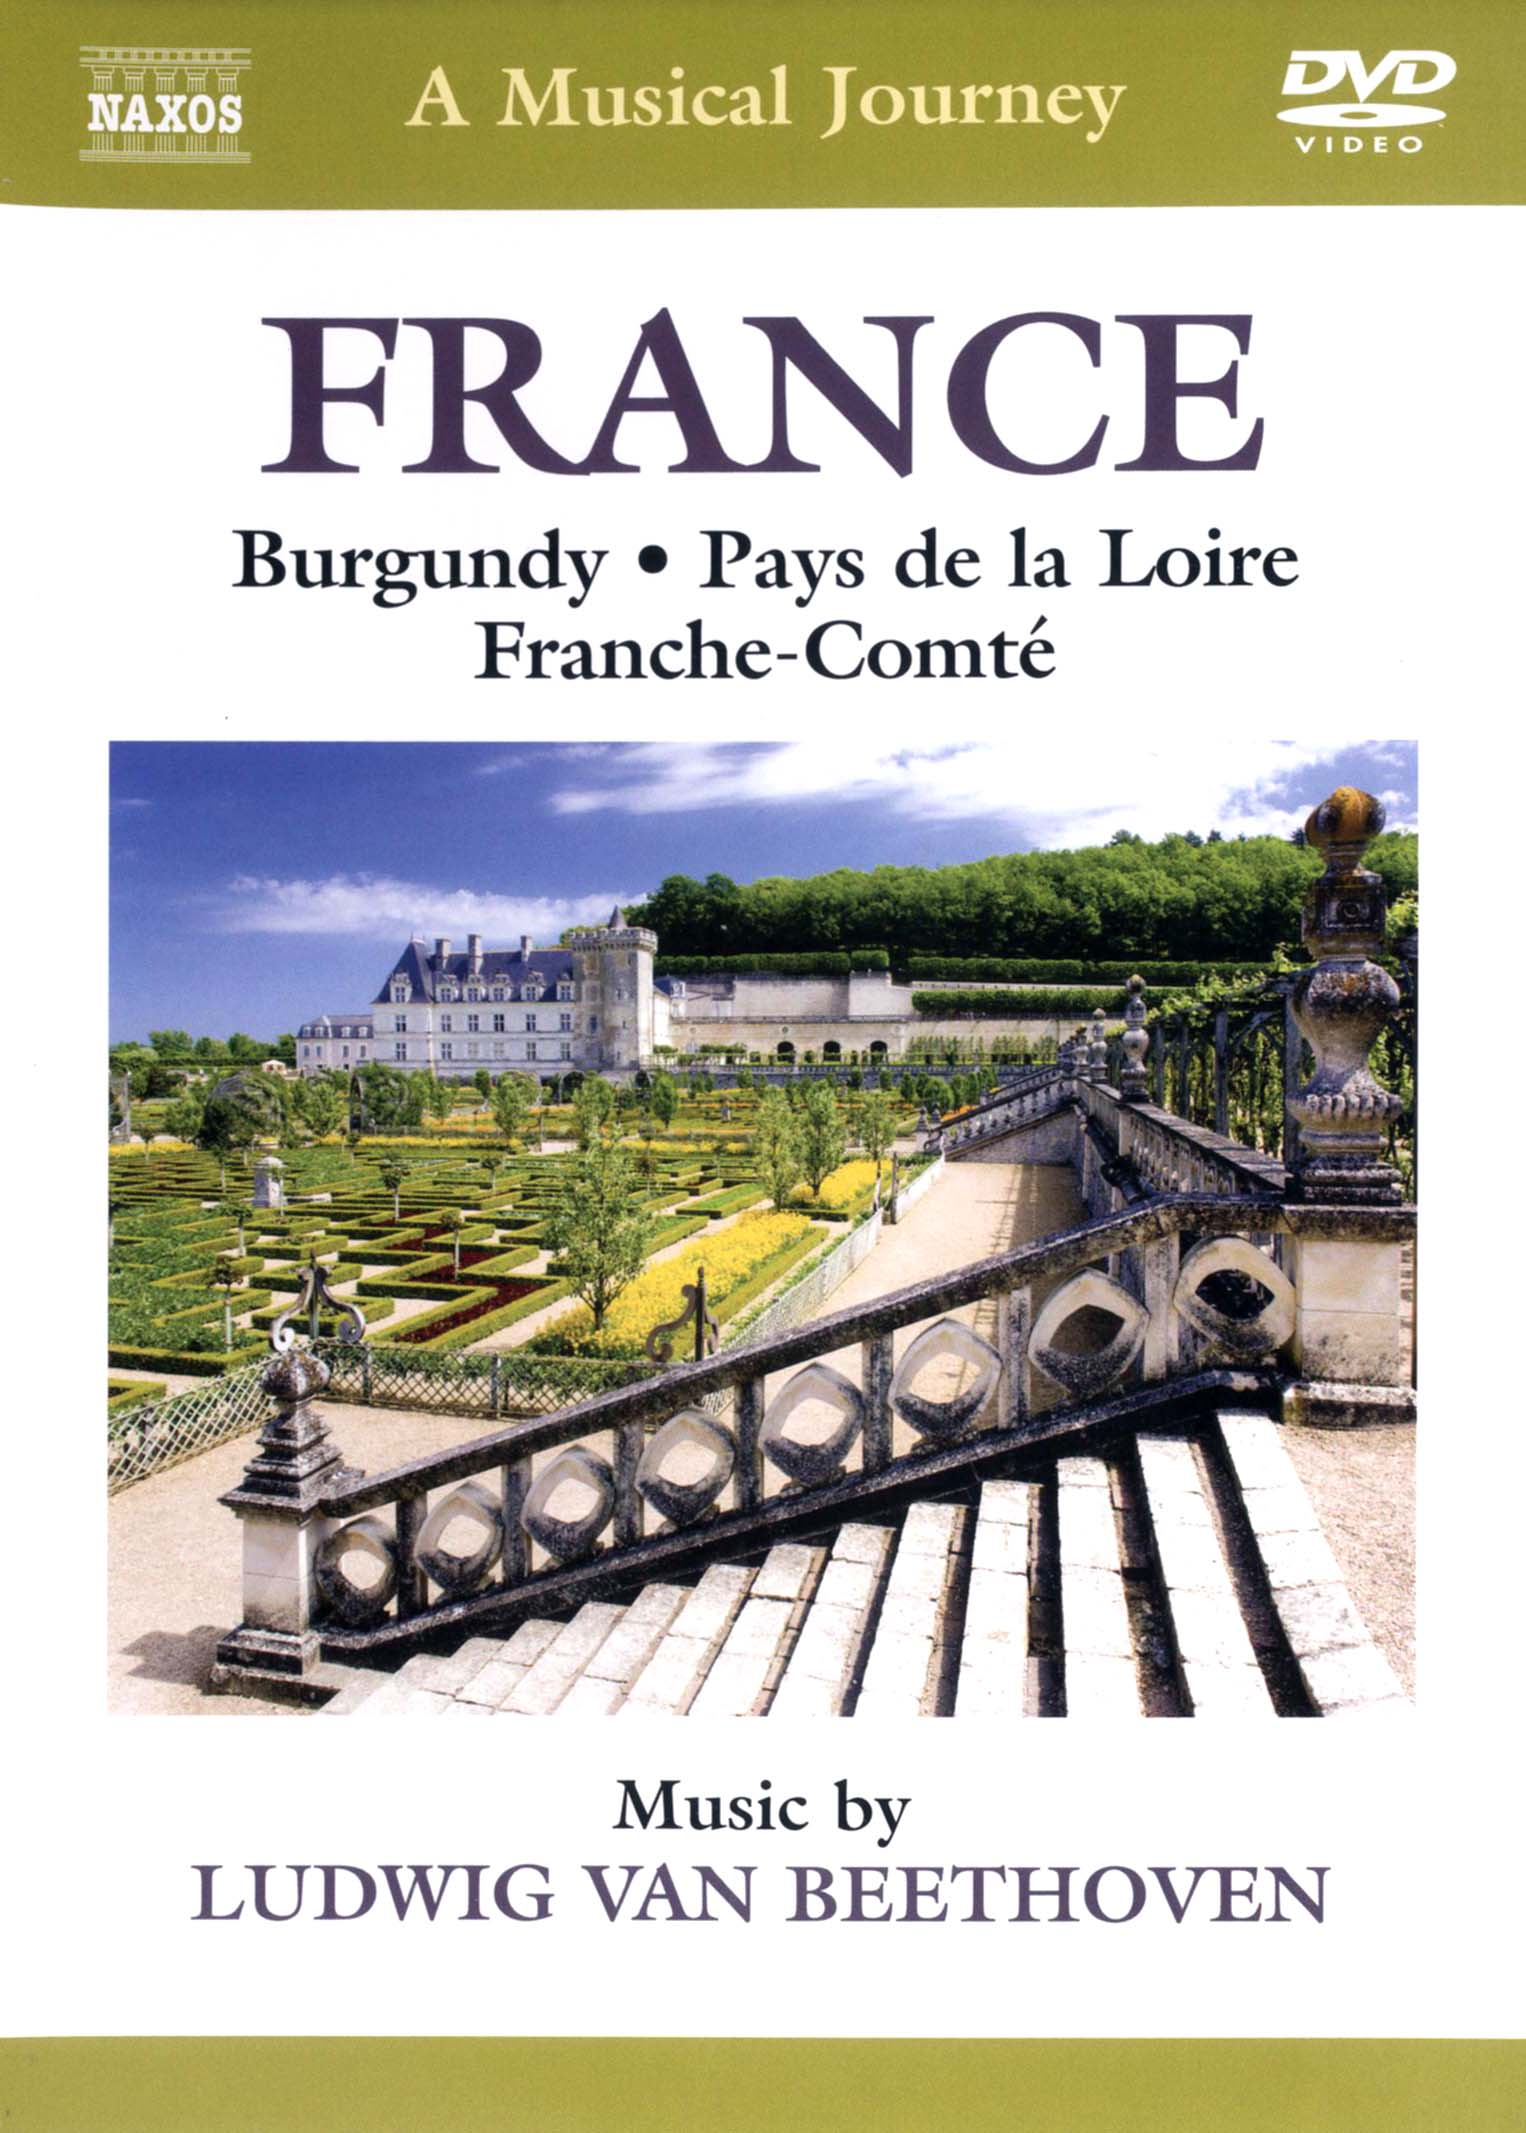 A Musical Journey: France - Burgandy/Pays de la Loire/Franche-Comté